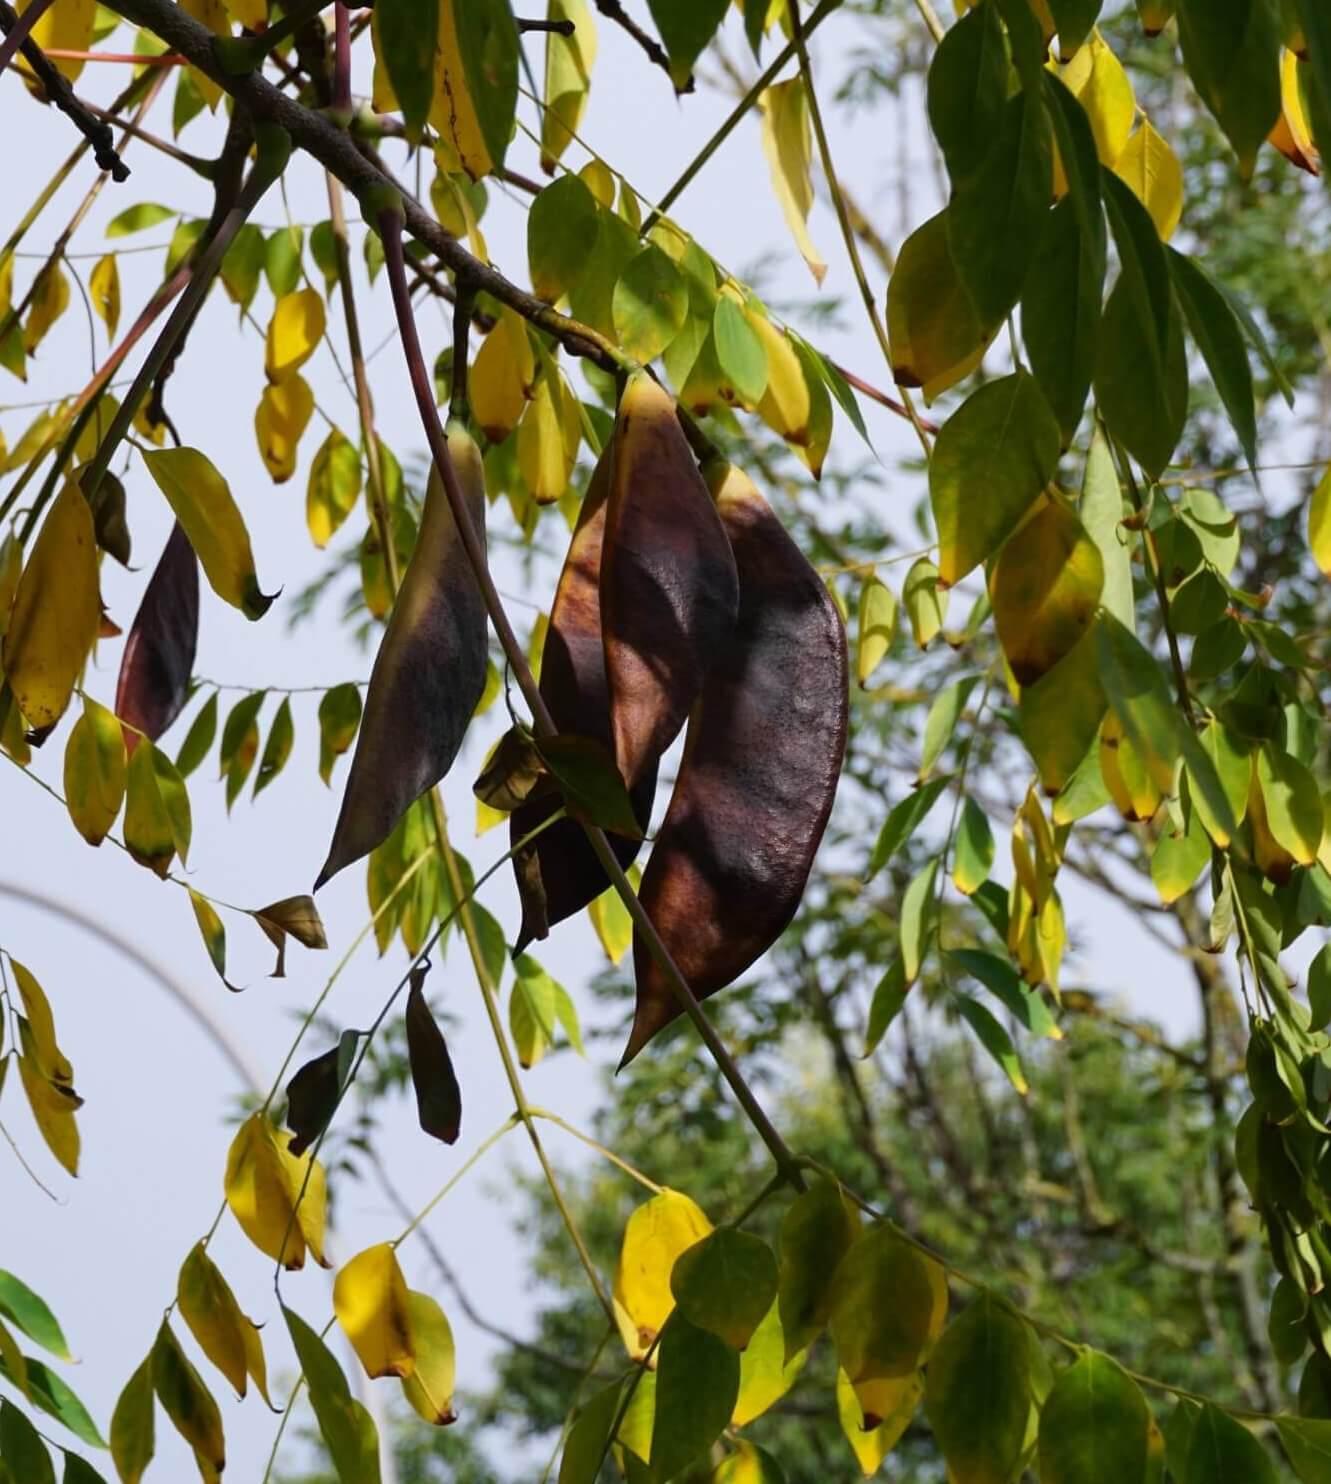 Das Bild zeigt die großen Fruchthülsen des mit der Gleditschie verwandten Geweihbaumes. Sie sind im Gegensatz zur ersteren kürzer, jedoch breiter. Bei beiden Bäumen der Johannisbrotgewächse sind die ledrigen Hülsen jedoch deutlich abgeflacht. Sie enthalten mehrere Samen.